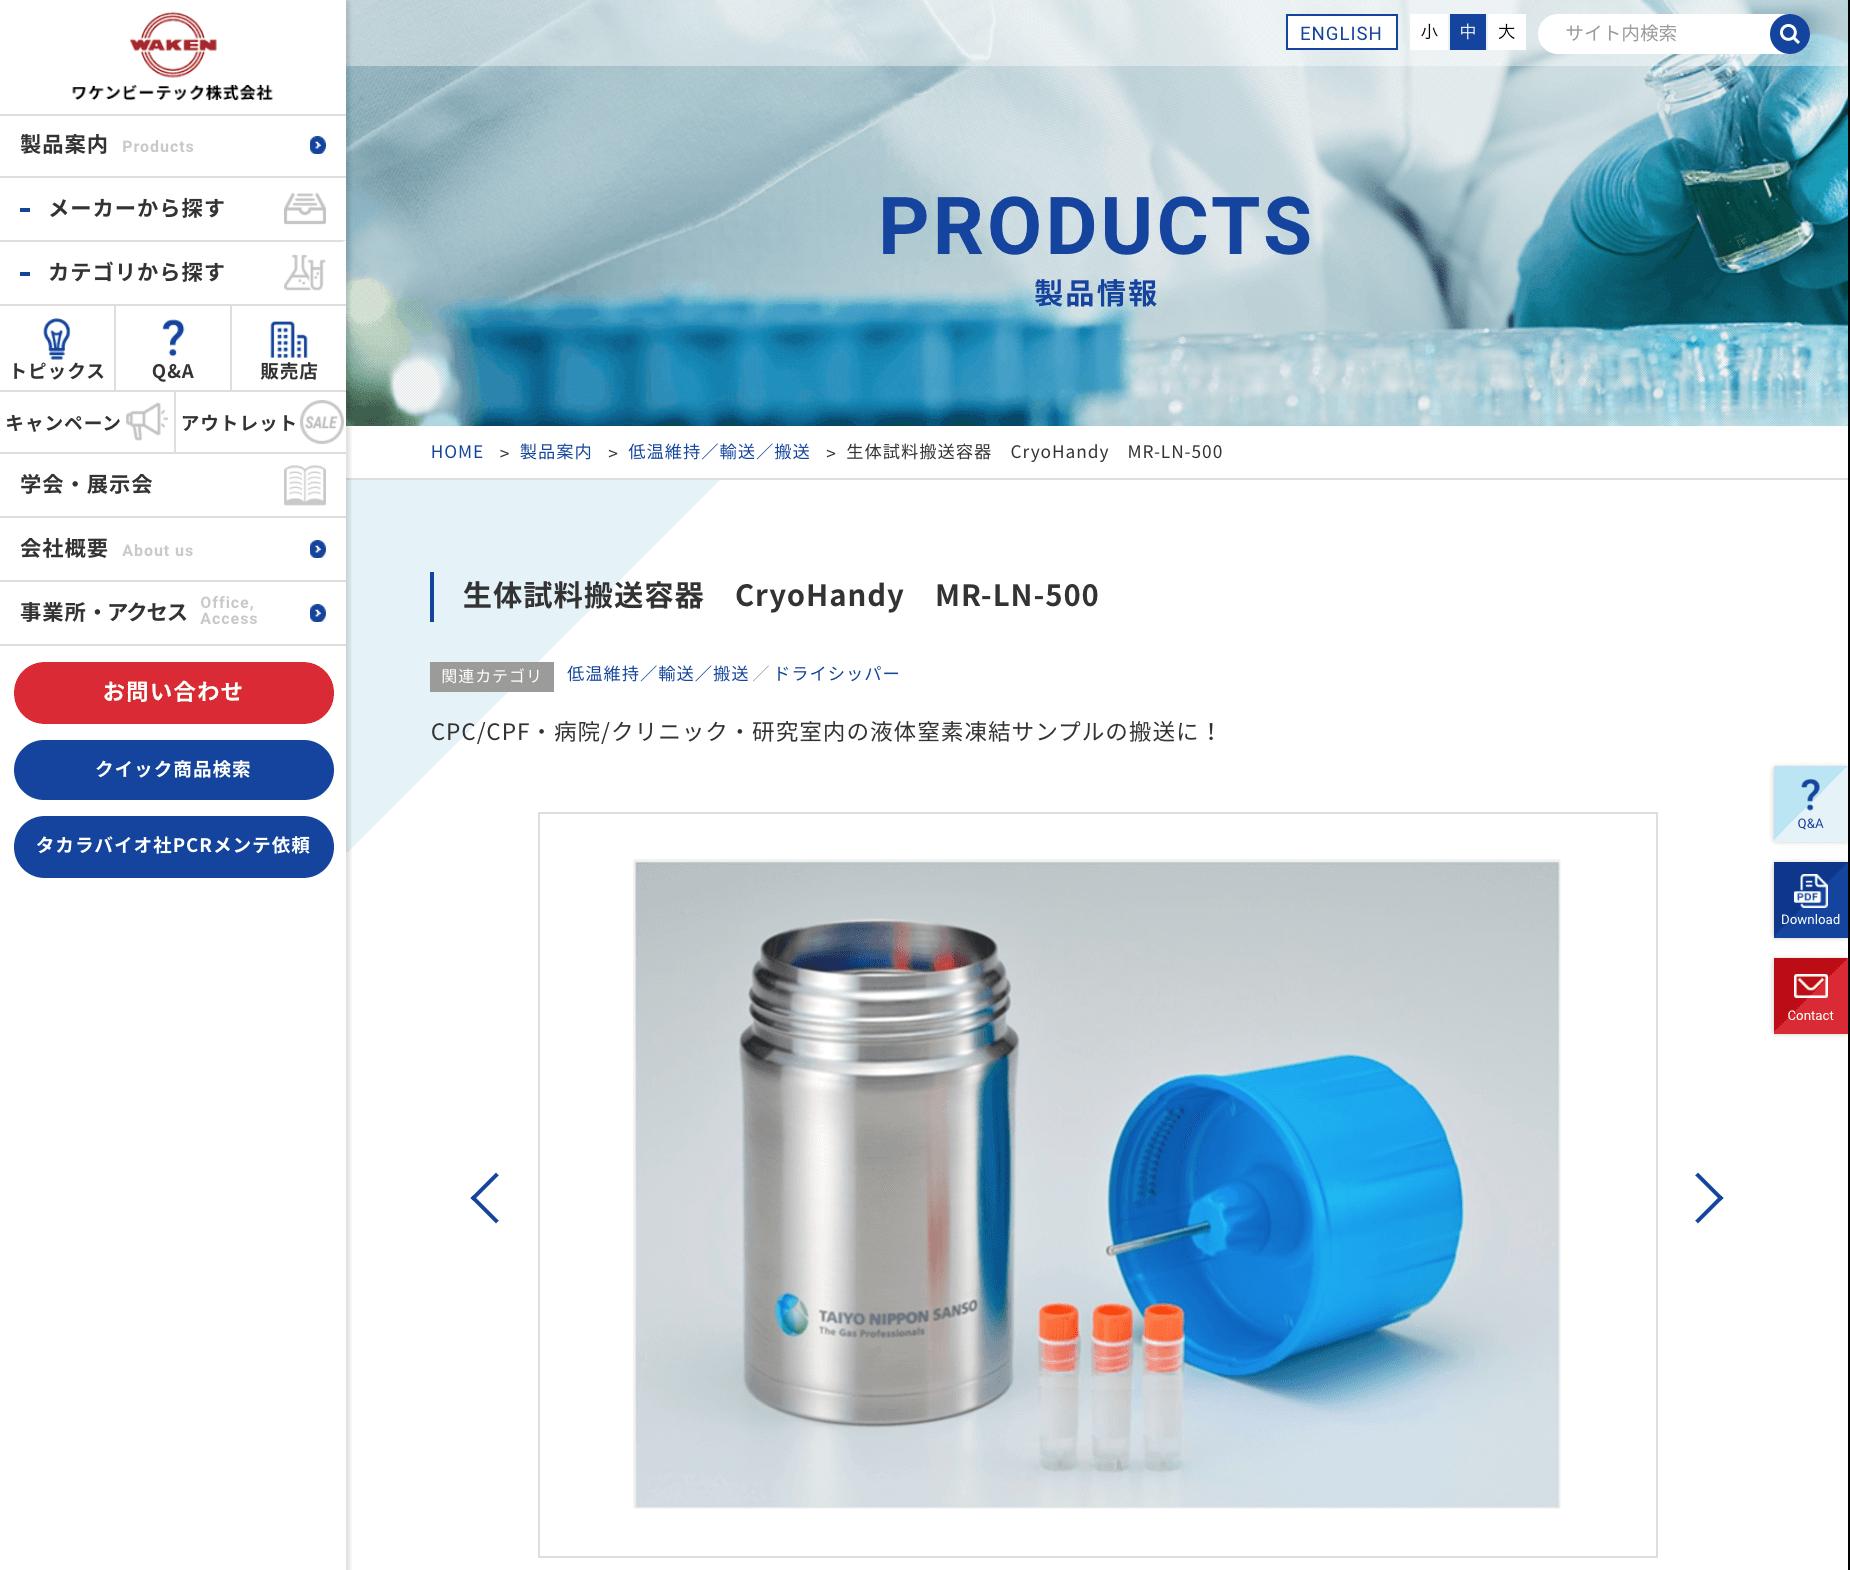 生体試料搬送容器 CryoHandy MR-LN-500